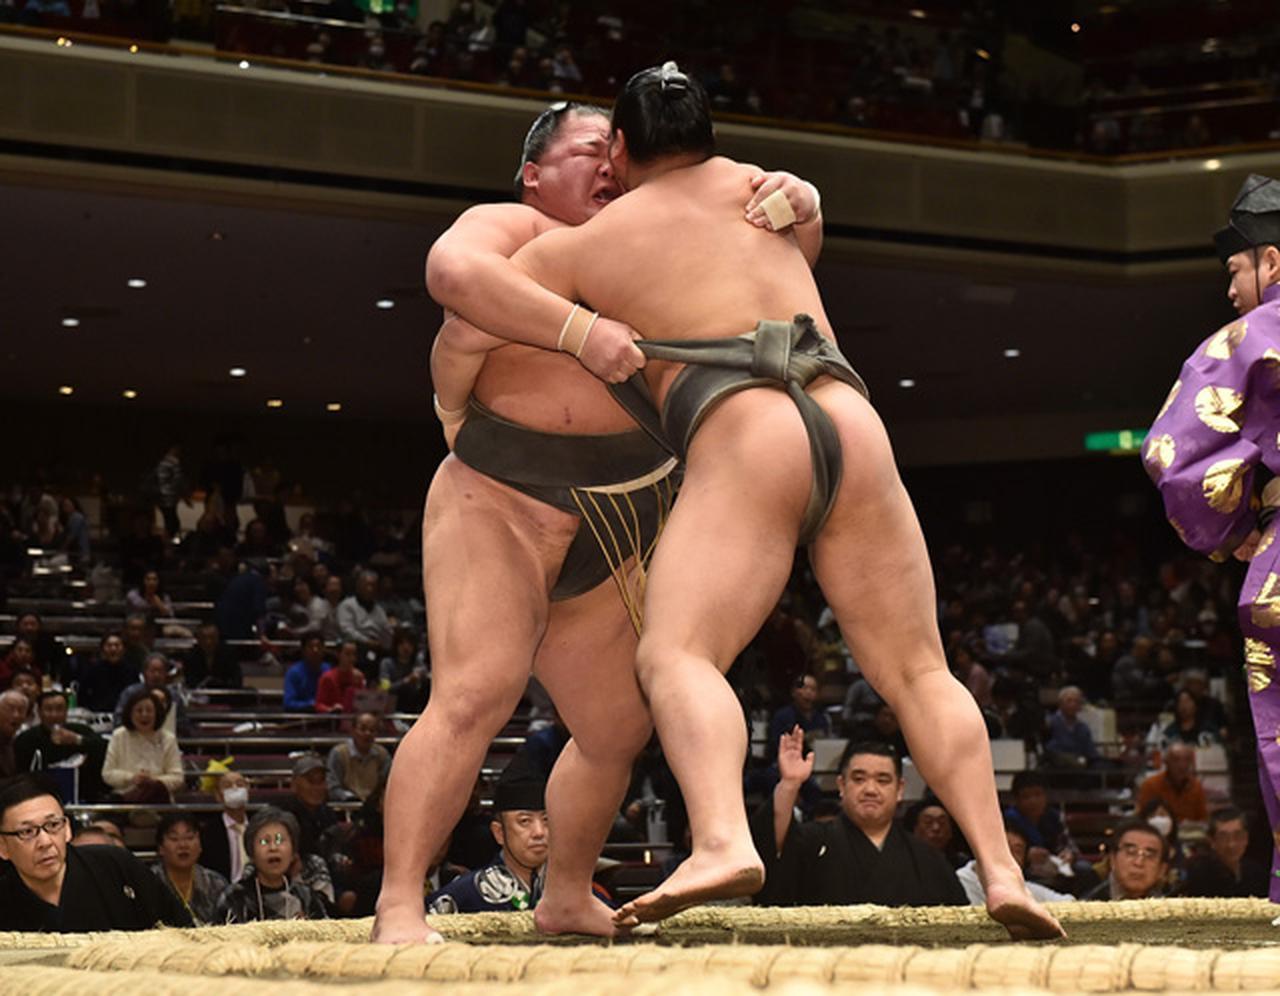 相撲編集部が選ぶ 初場所7日目の一番   BBMスポーツ   ベースボール ...